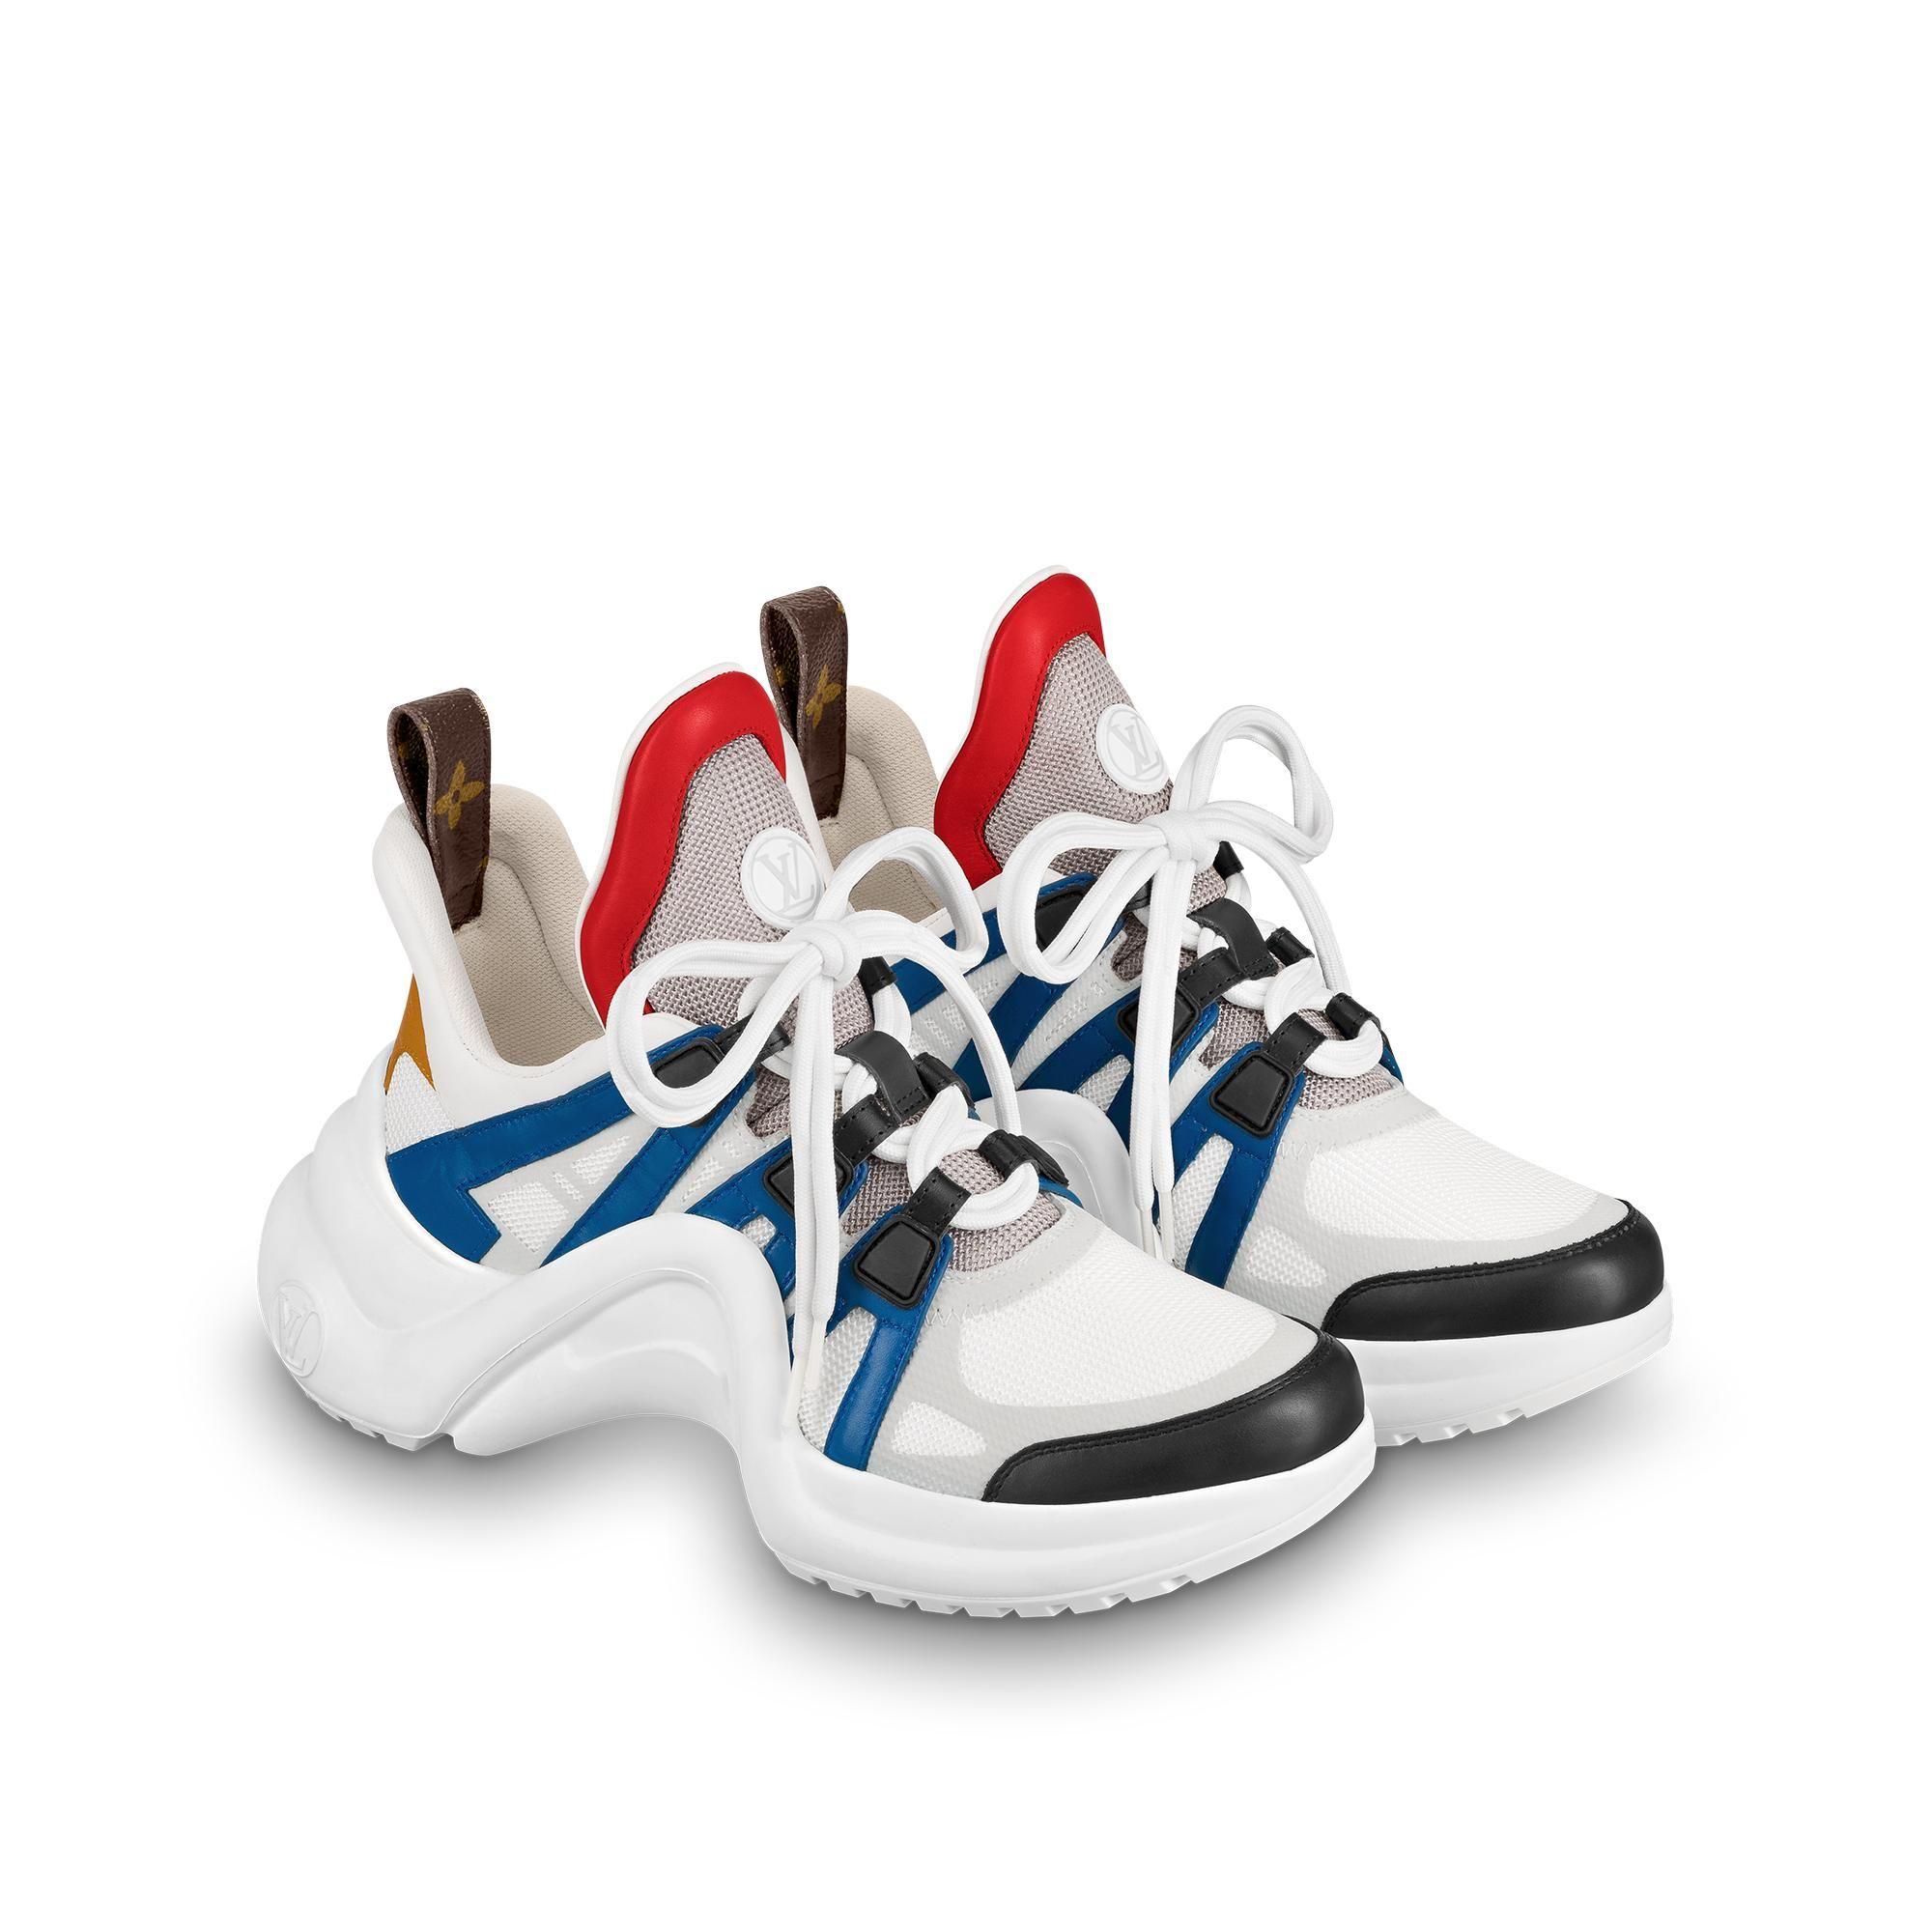 Lv Archlight Sneaker Shoes Louis Vuitton Louis Vuitton Shoes Louis Vuitton Shoes Sneakers Louis Vuitton